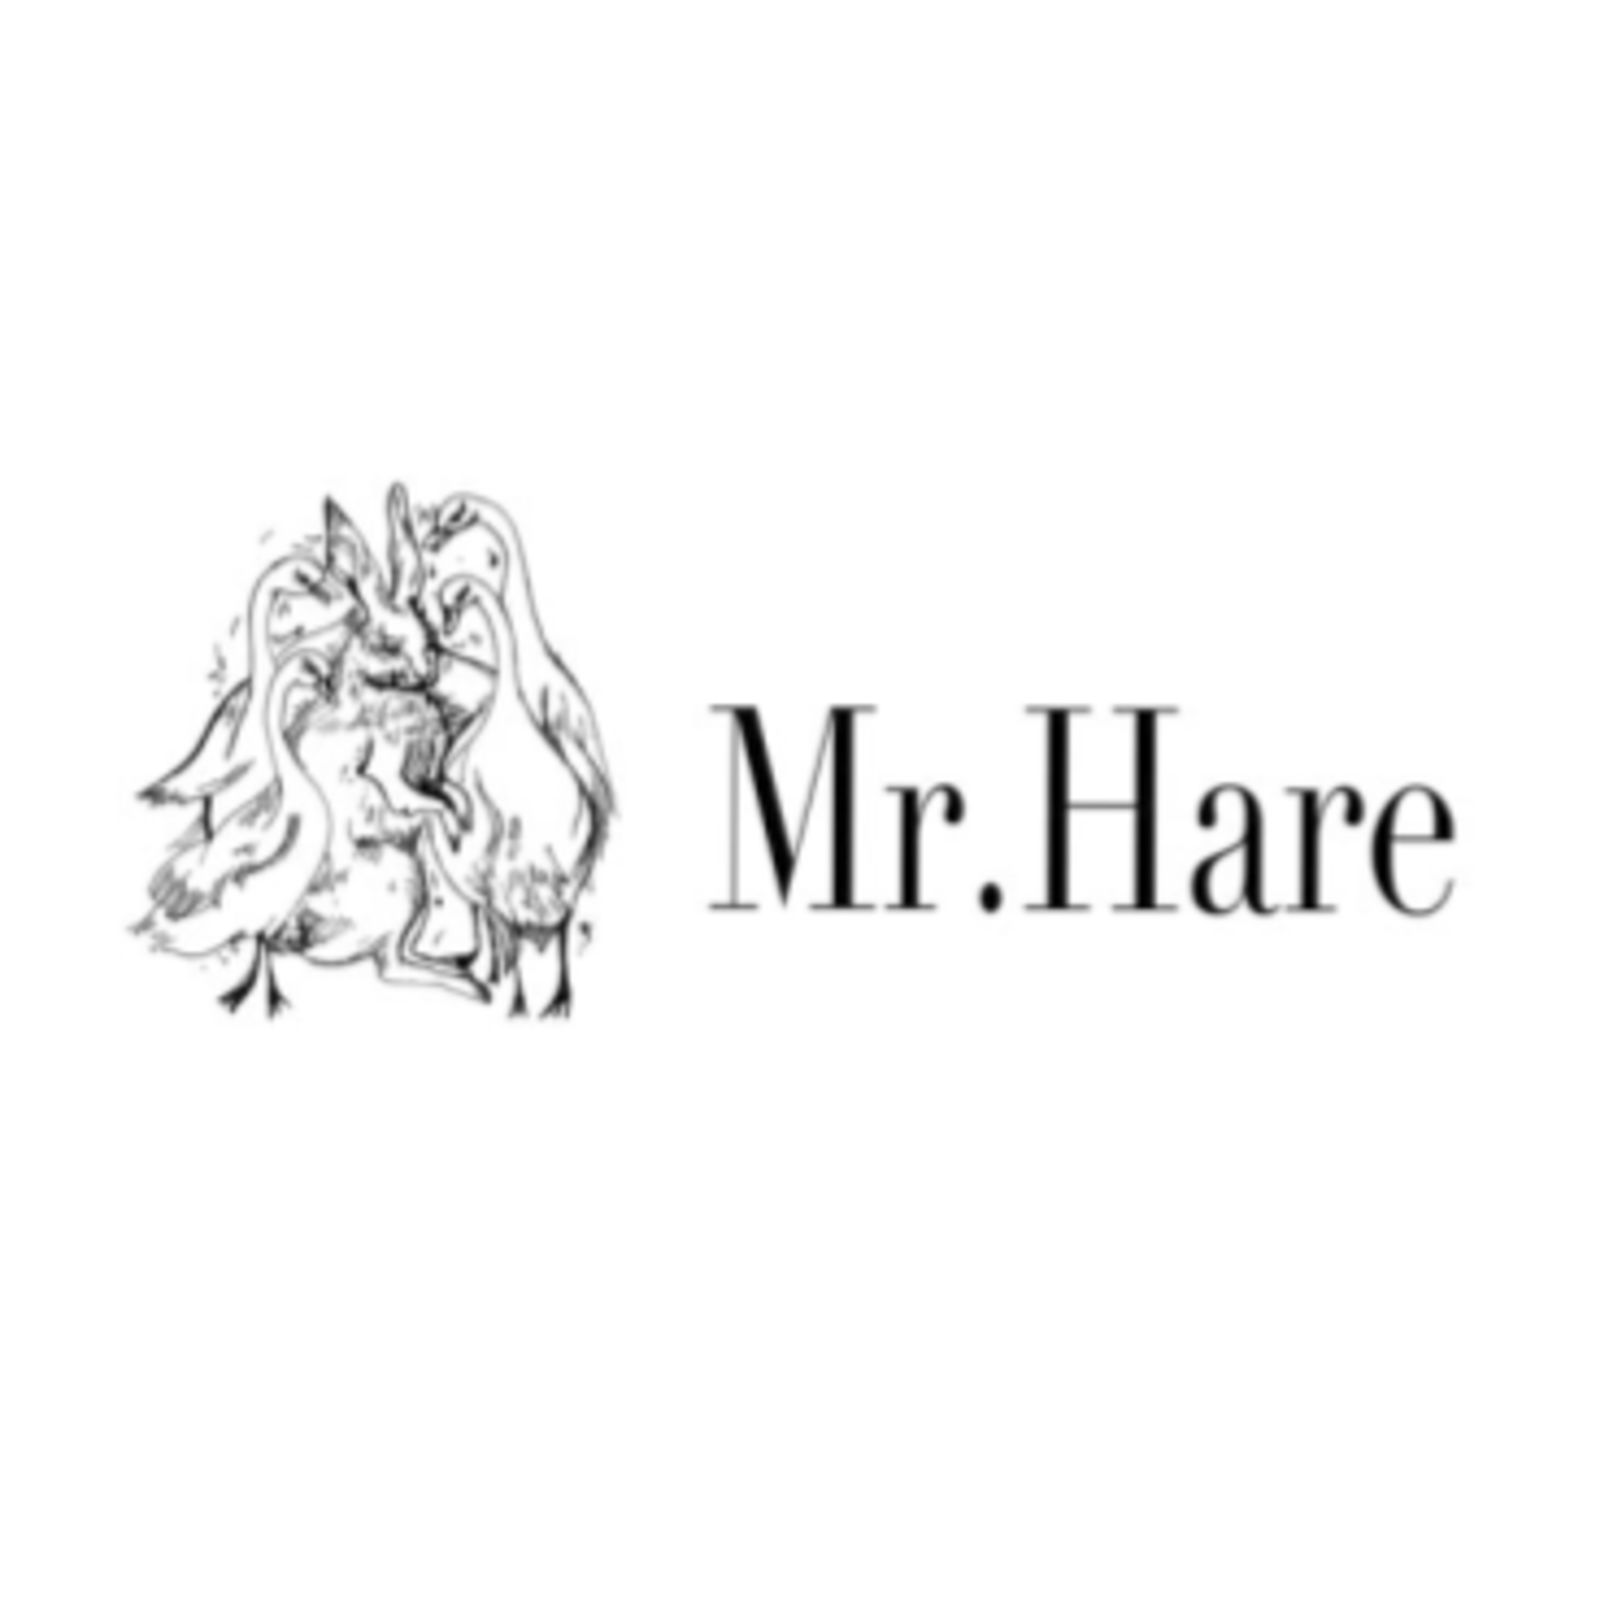 Mr. Hare (Bild 1)